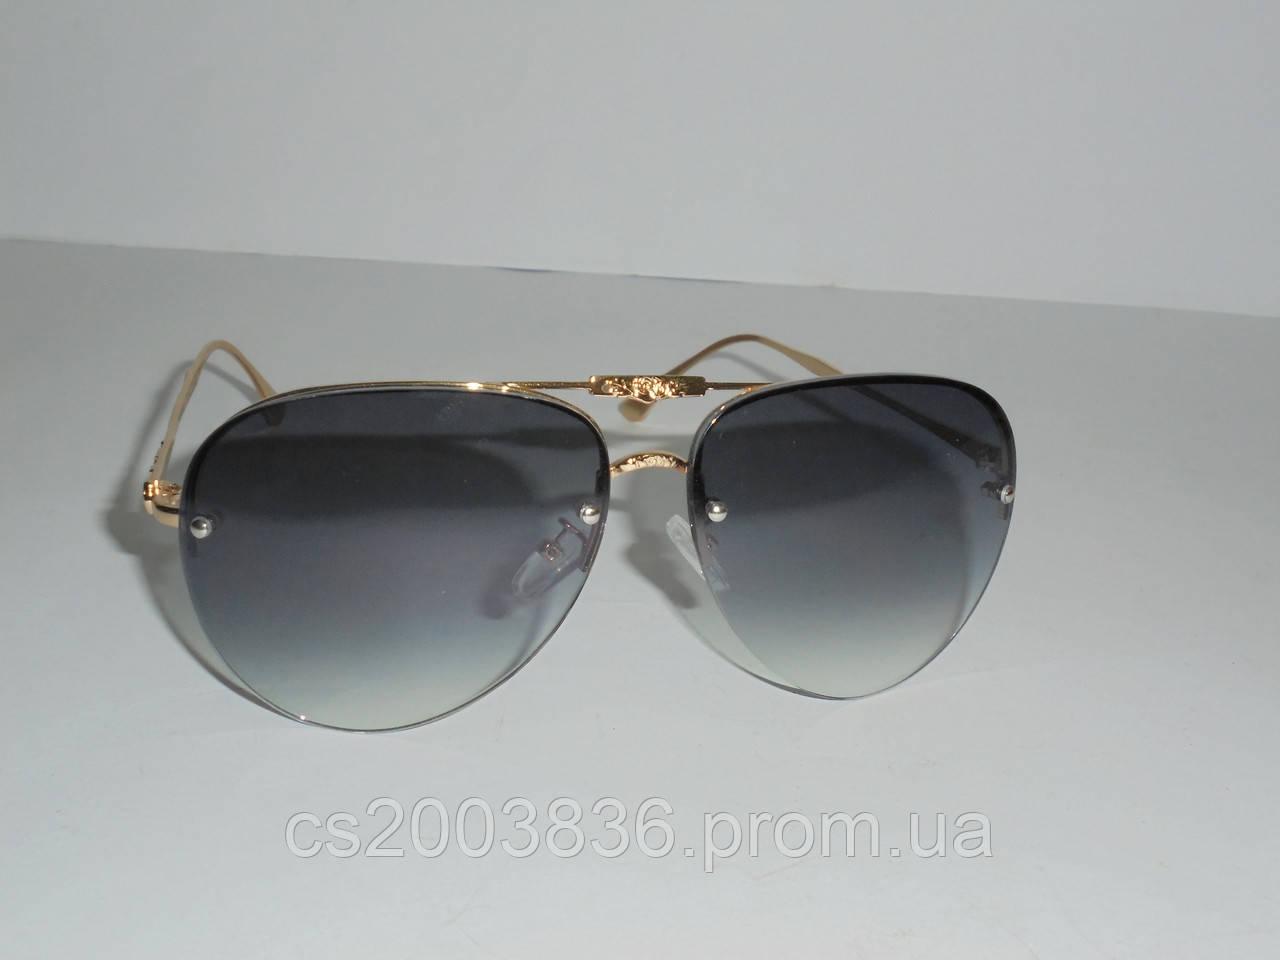 aa6aa4eeb295 Женские солнцезащитные очки Aviator 6832, очки авиаторы, модный аксессуар,  женские,качество ...